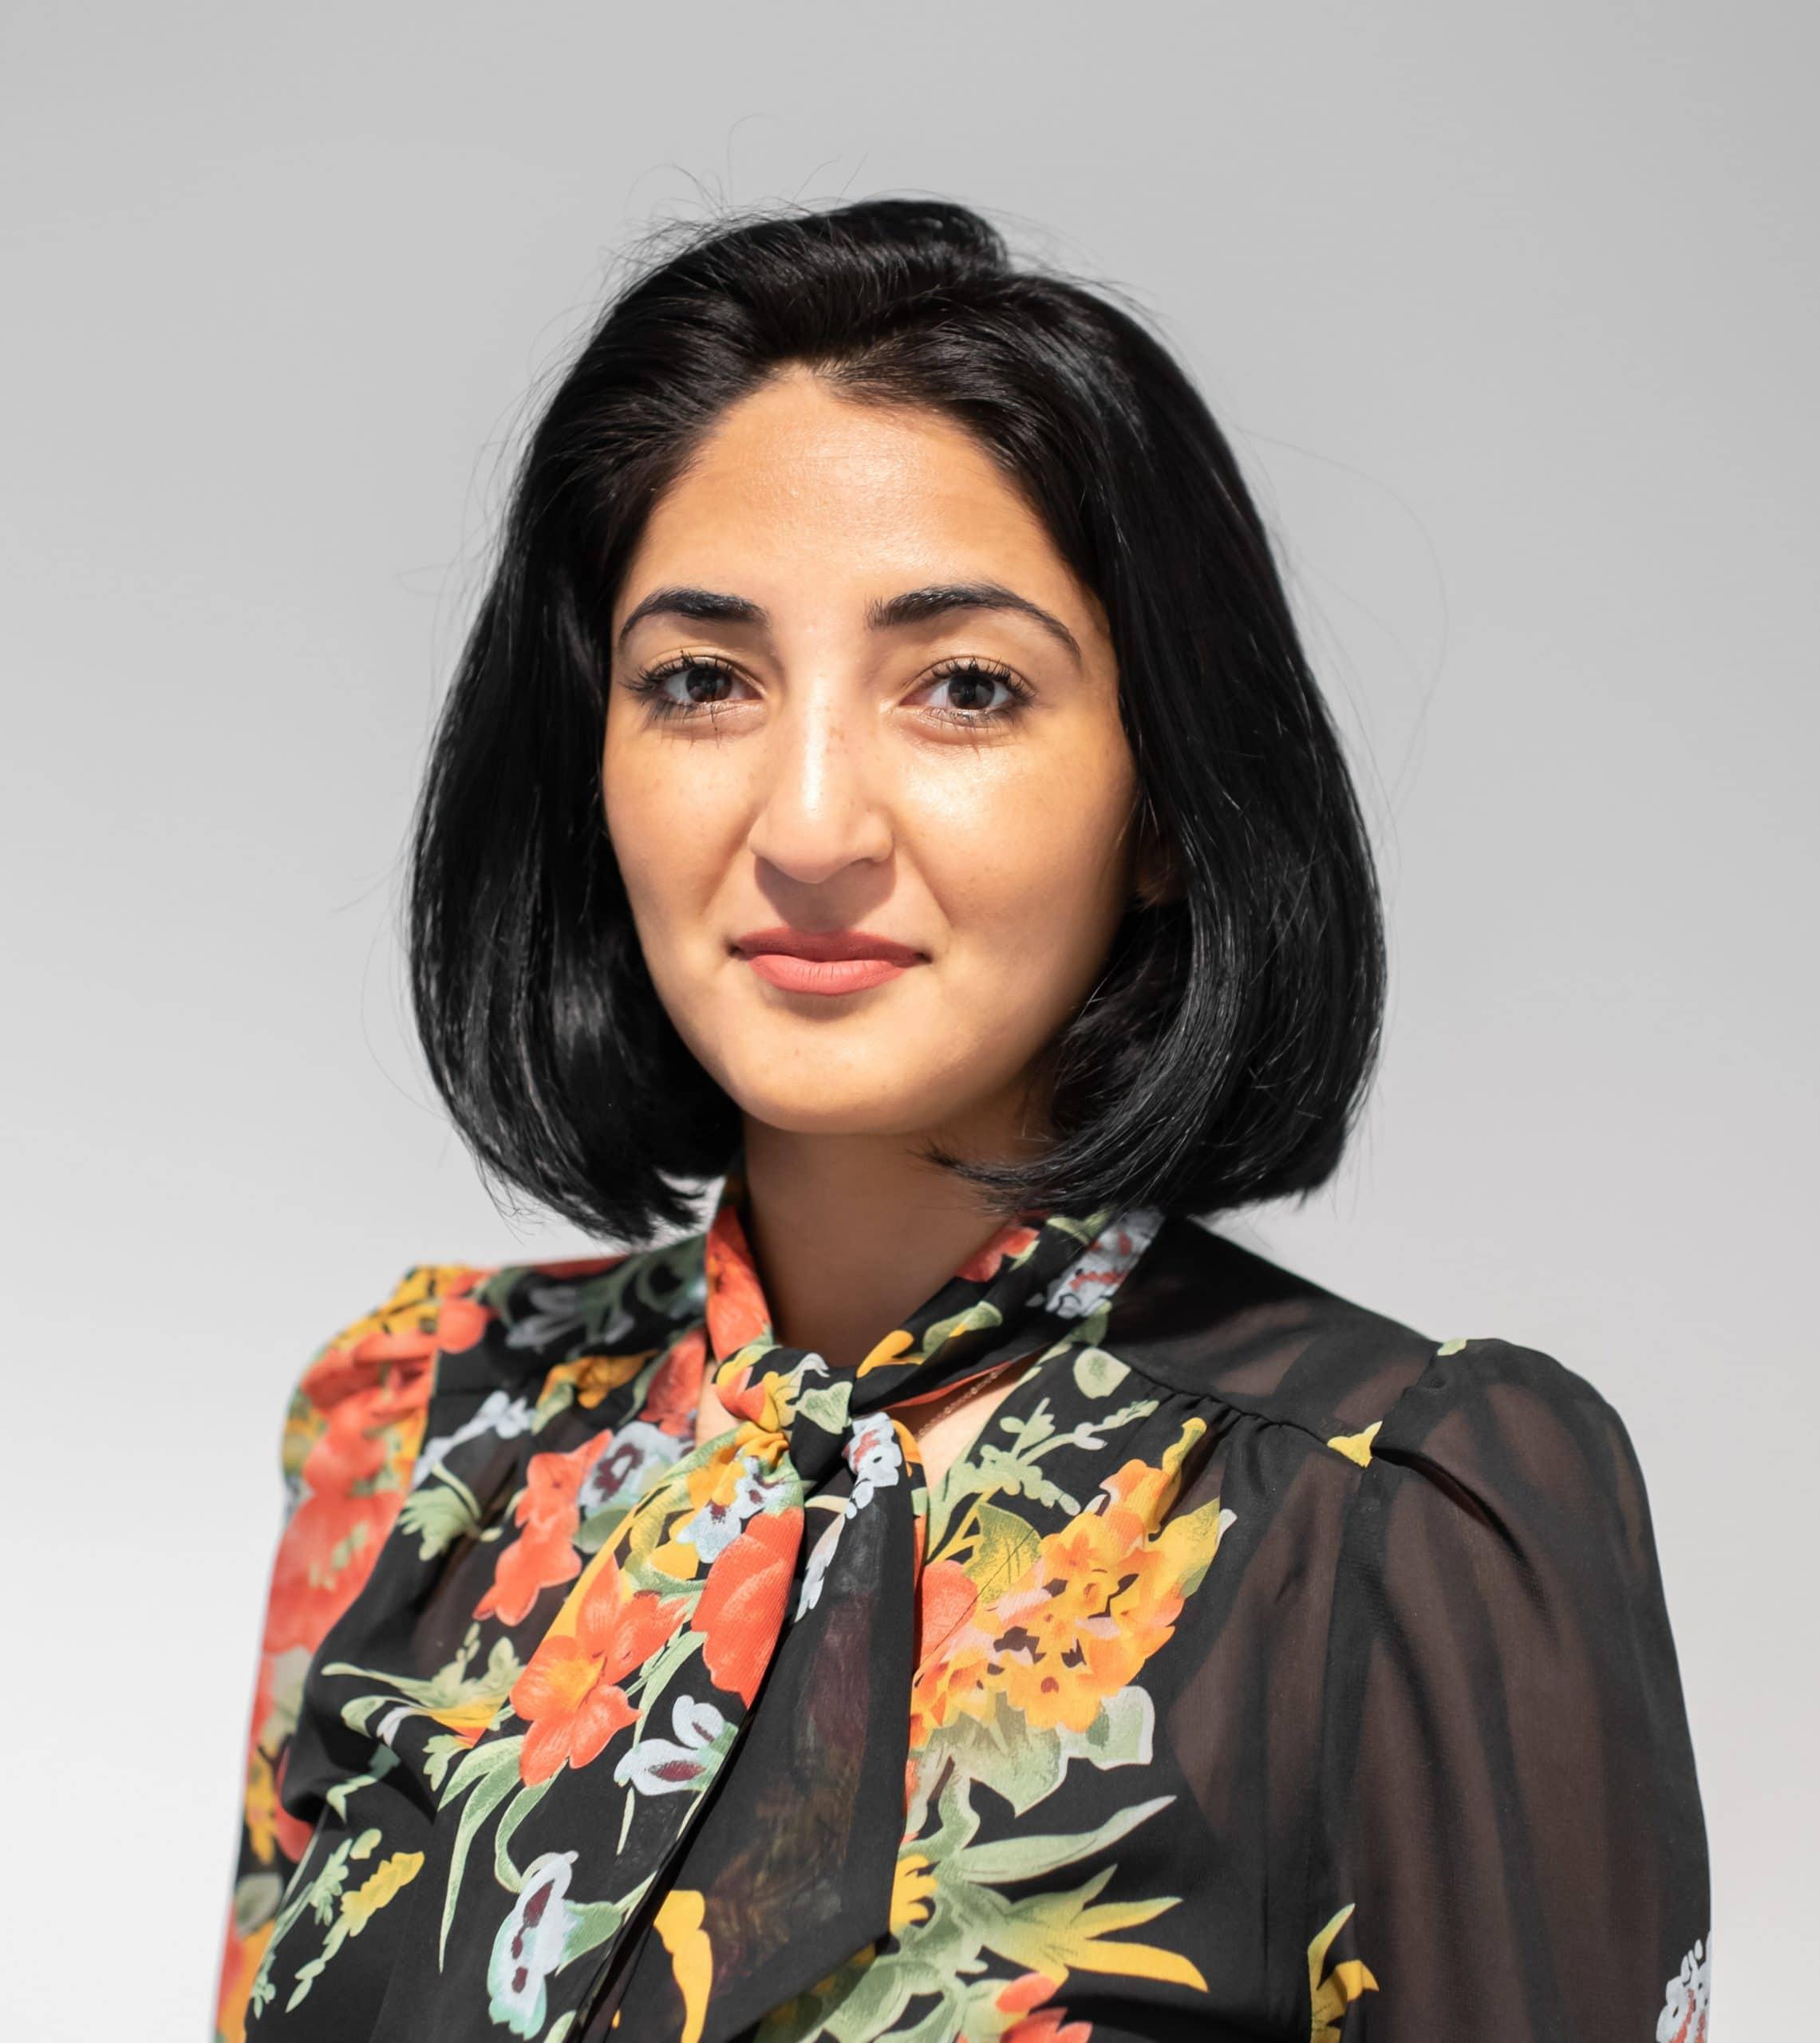 Morwarid Khedri